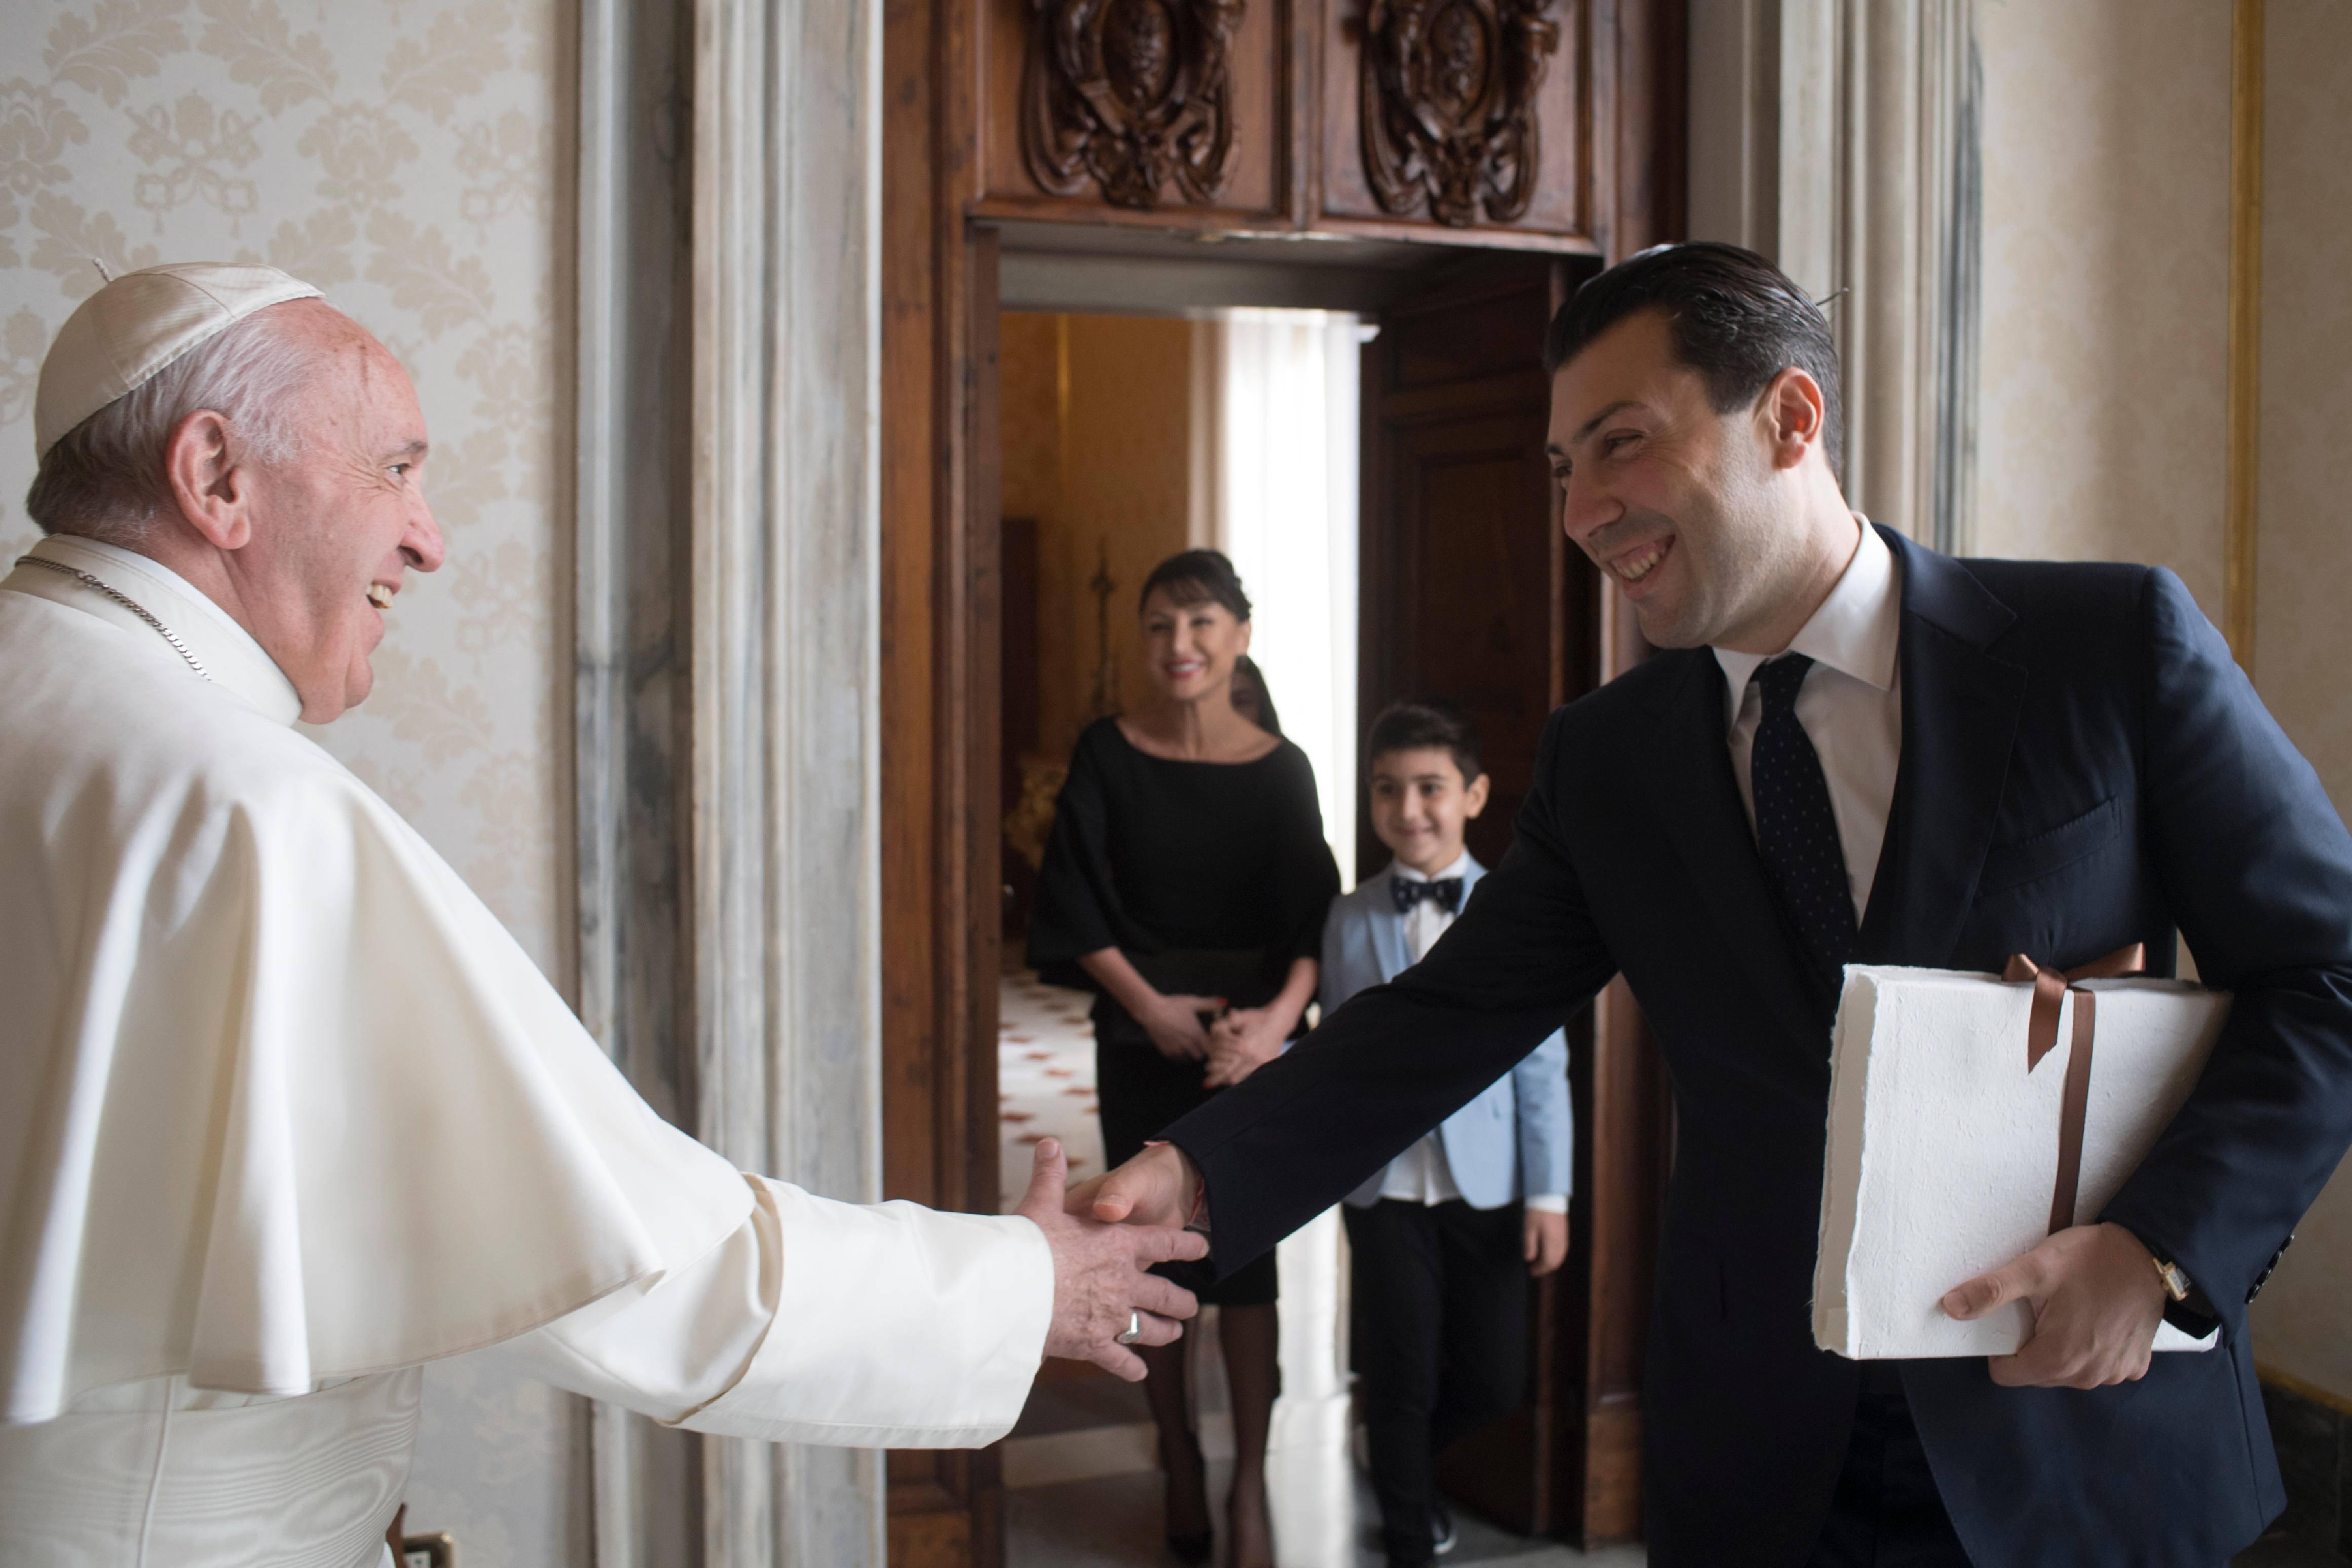 Սուրբ Աթոռում ՀՀ դեսպանը հանդիպում ունեցավ Նորին Սրբություն Ֆրանցիսկոս Պապի հետ